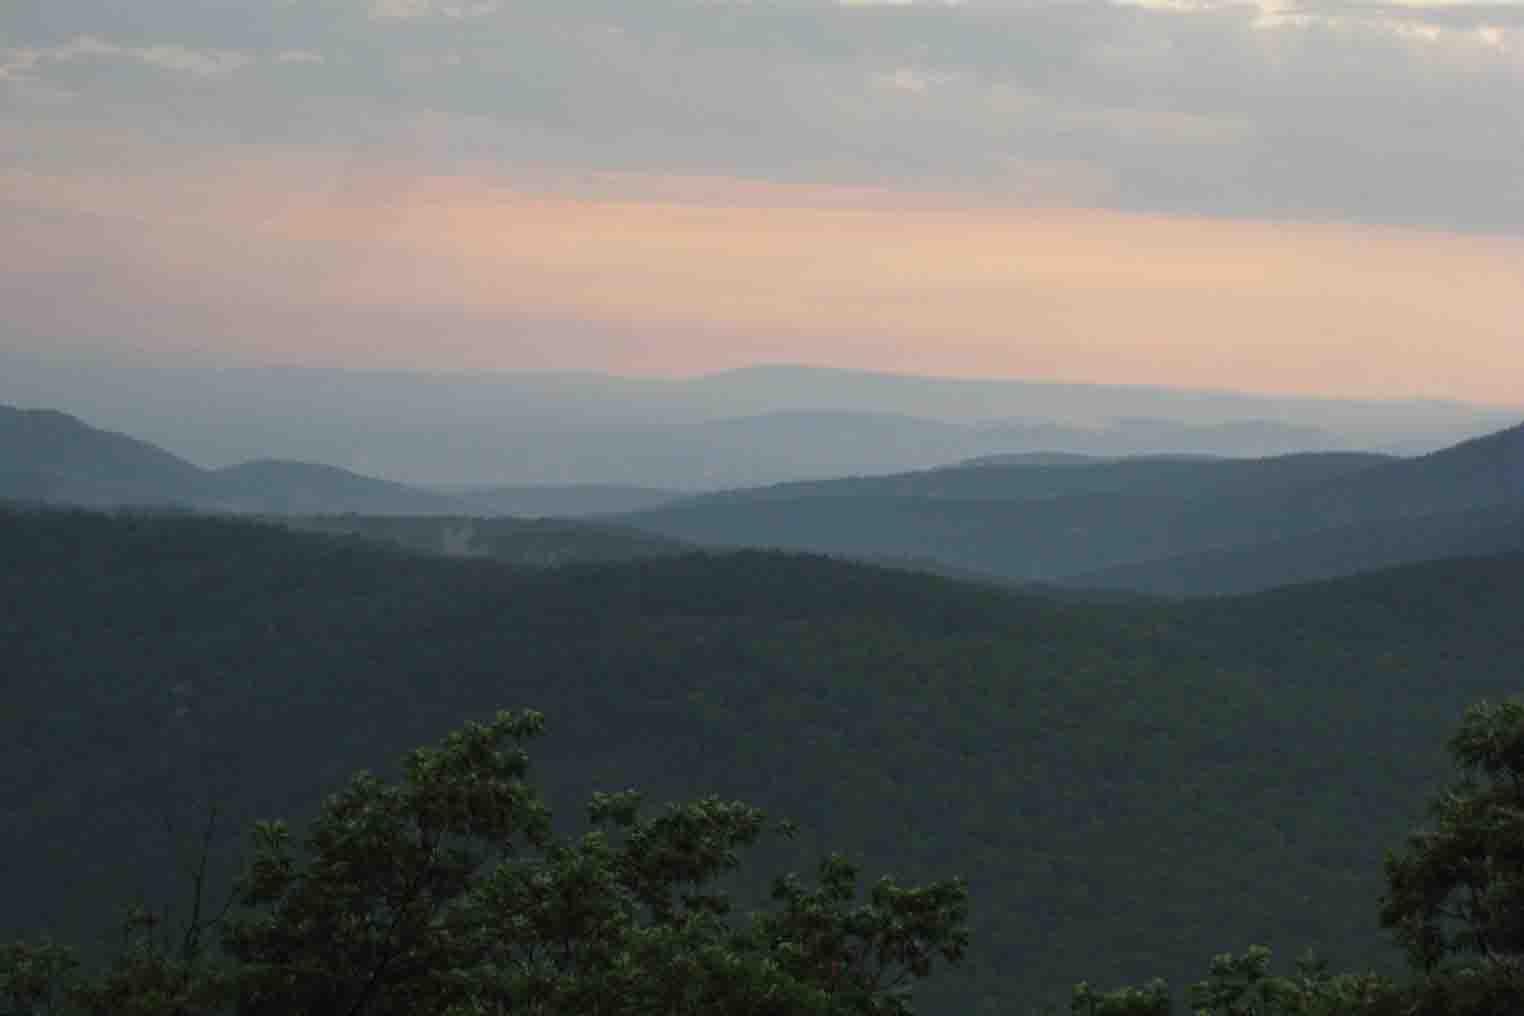 sunset point ouachita mountains oklahoma